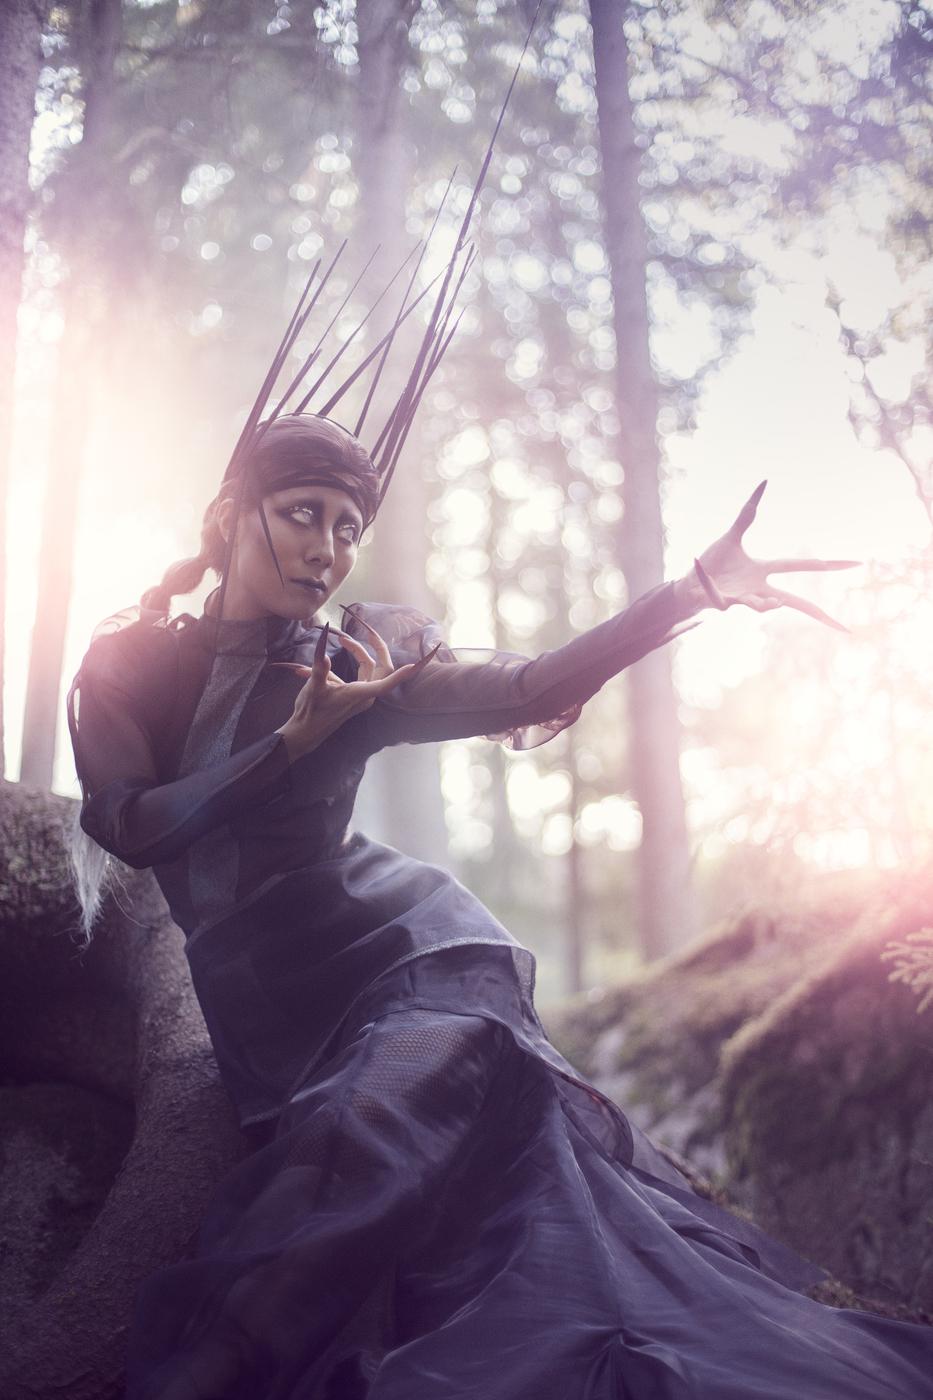 Kalevalanmaa-Ballet_Pohjan-Akka_Photo-Saara-Salmi.jpg